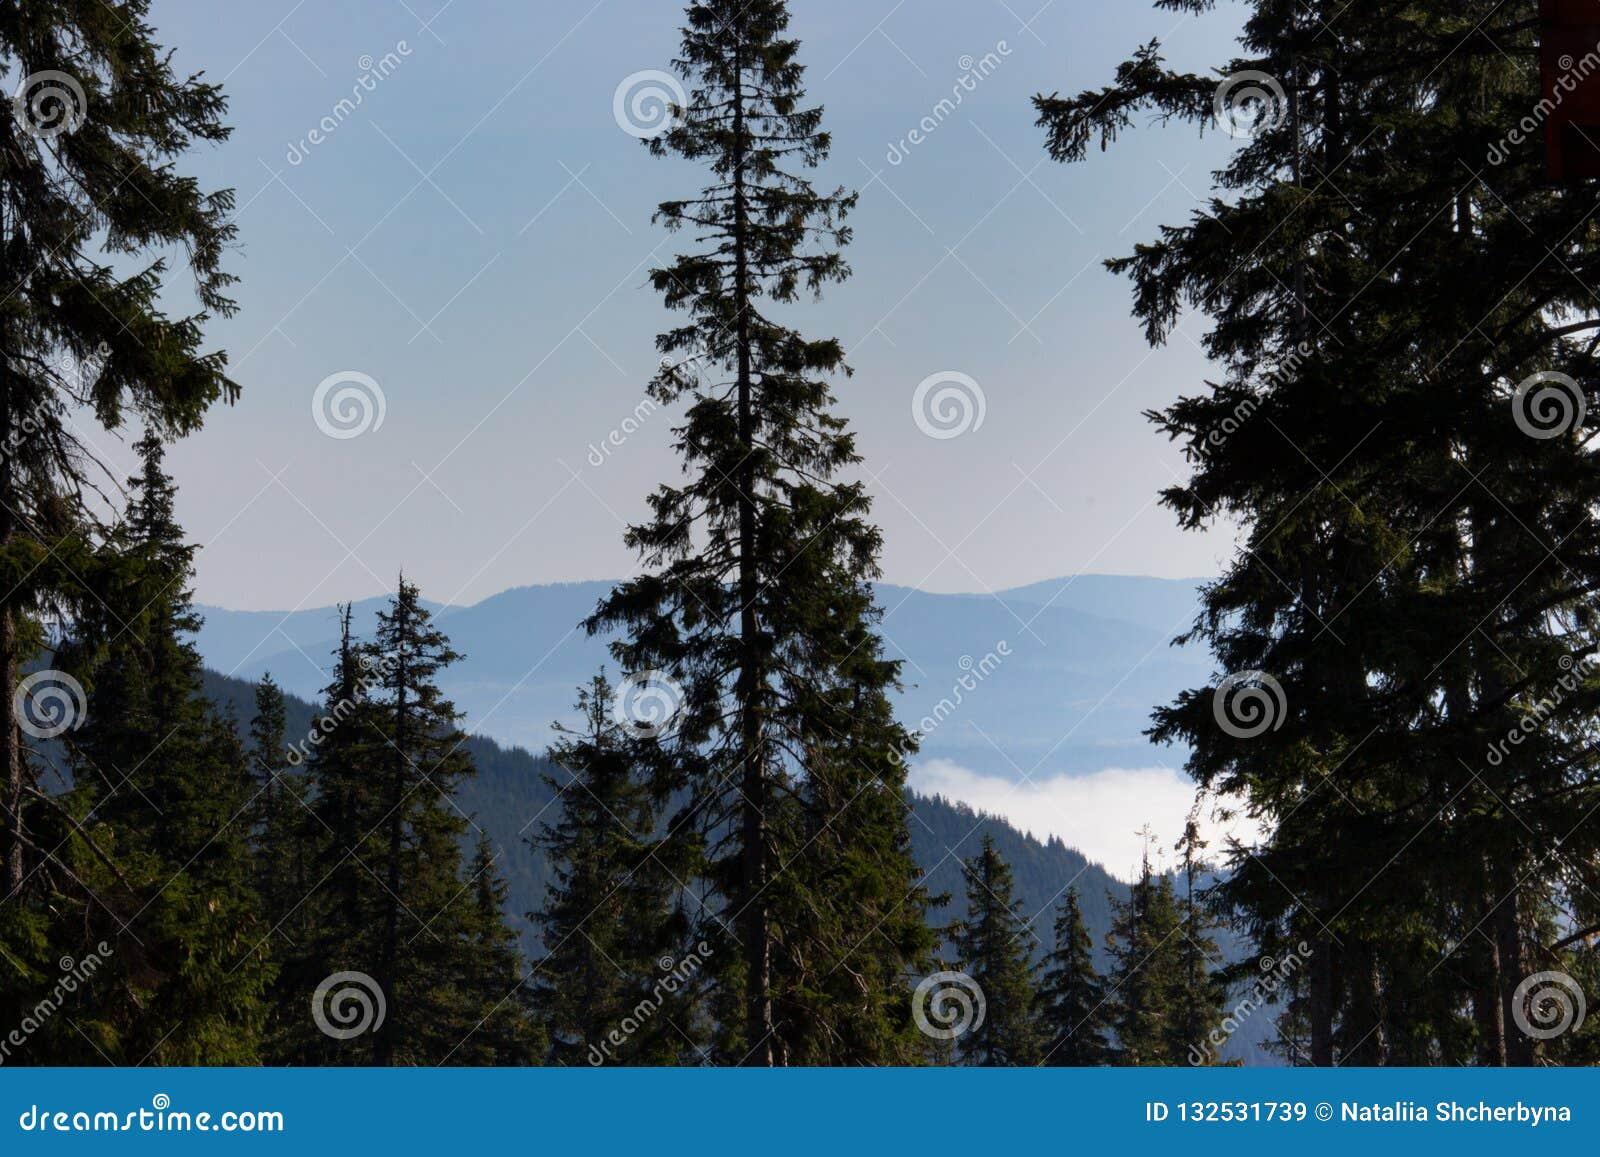 Prachtige mening van de bergen van de Karpaten met hoge naaldbomenvoorgrond Bosbergen met wolken en mist